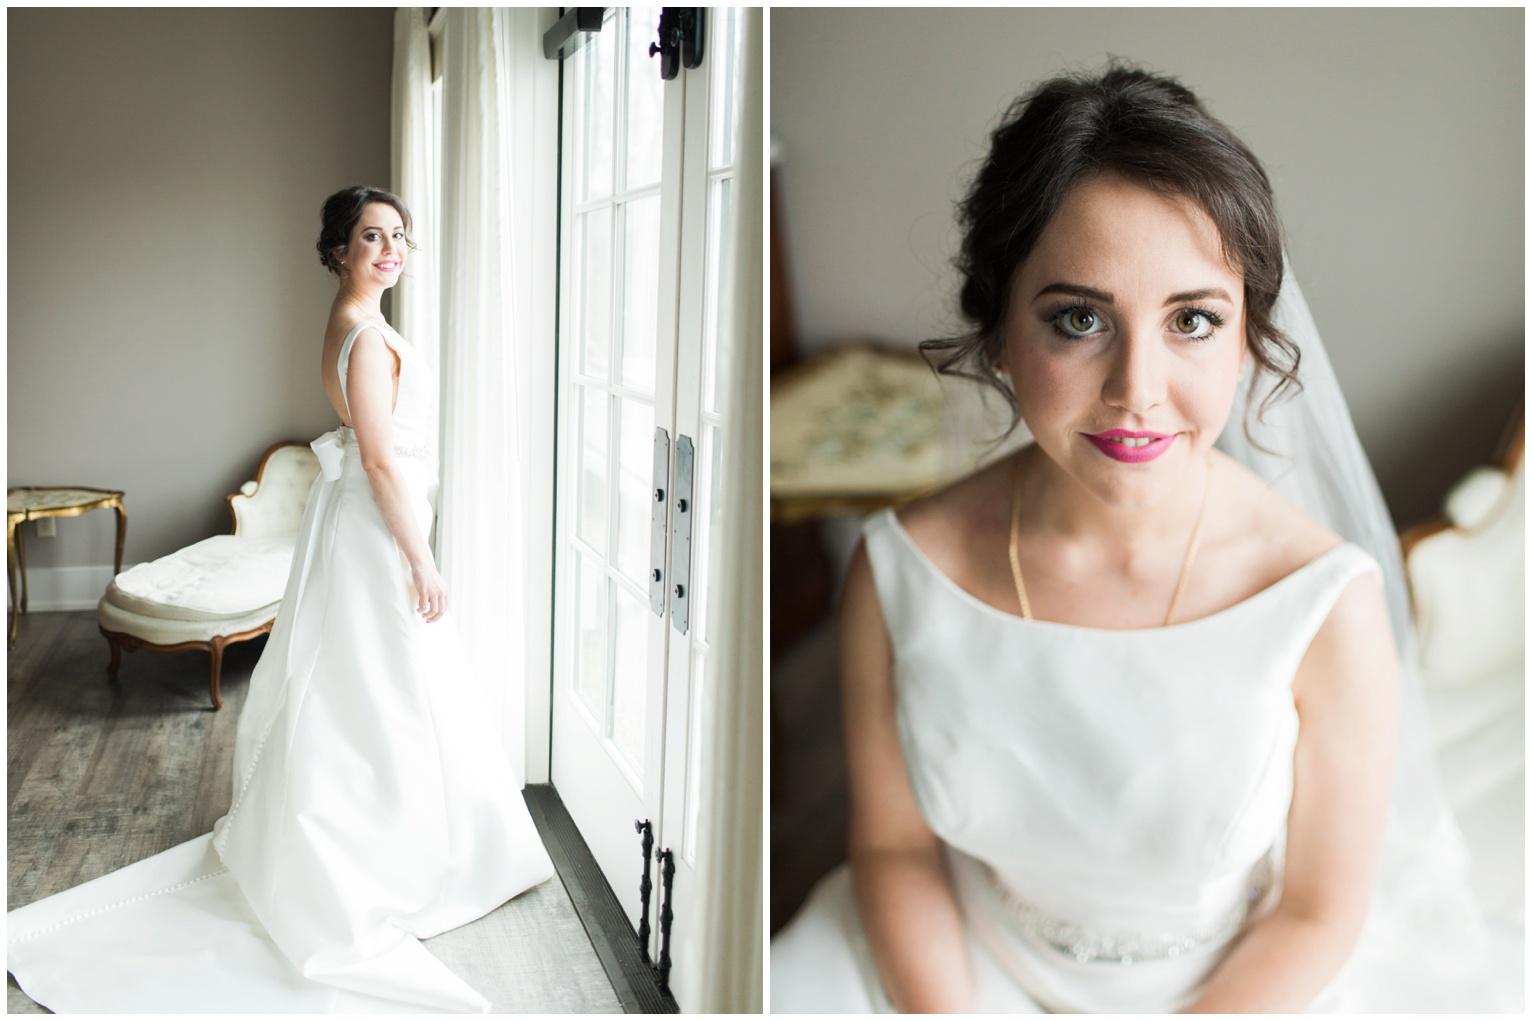 wedding photography st louis_lauren muckler photography_film photographer_film wedding_0008.jpg